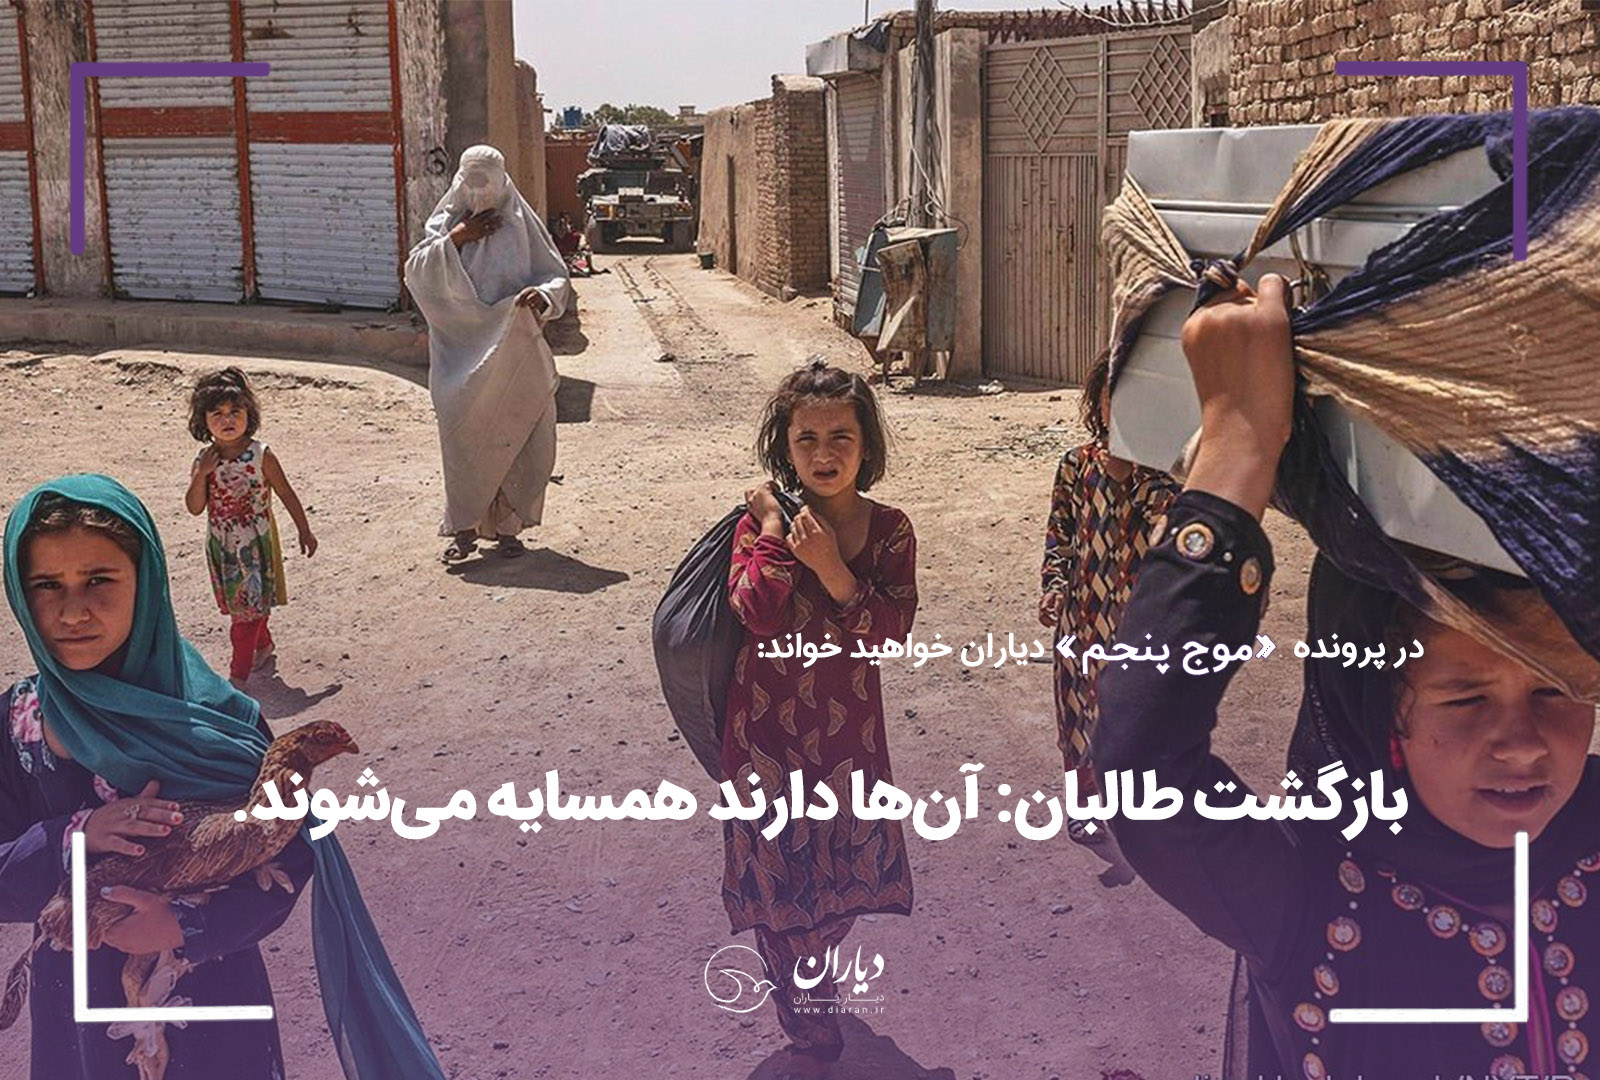 بازگشت طالبان: آنها دارند همسایه میشوند.